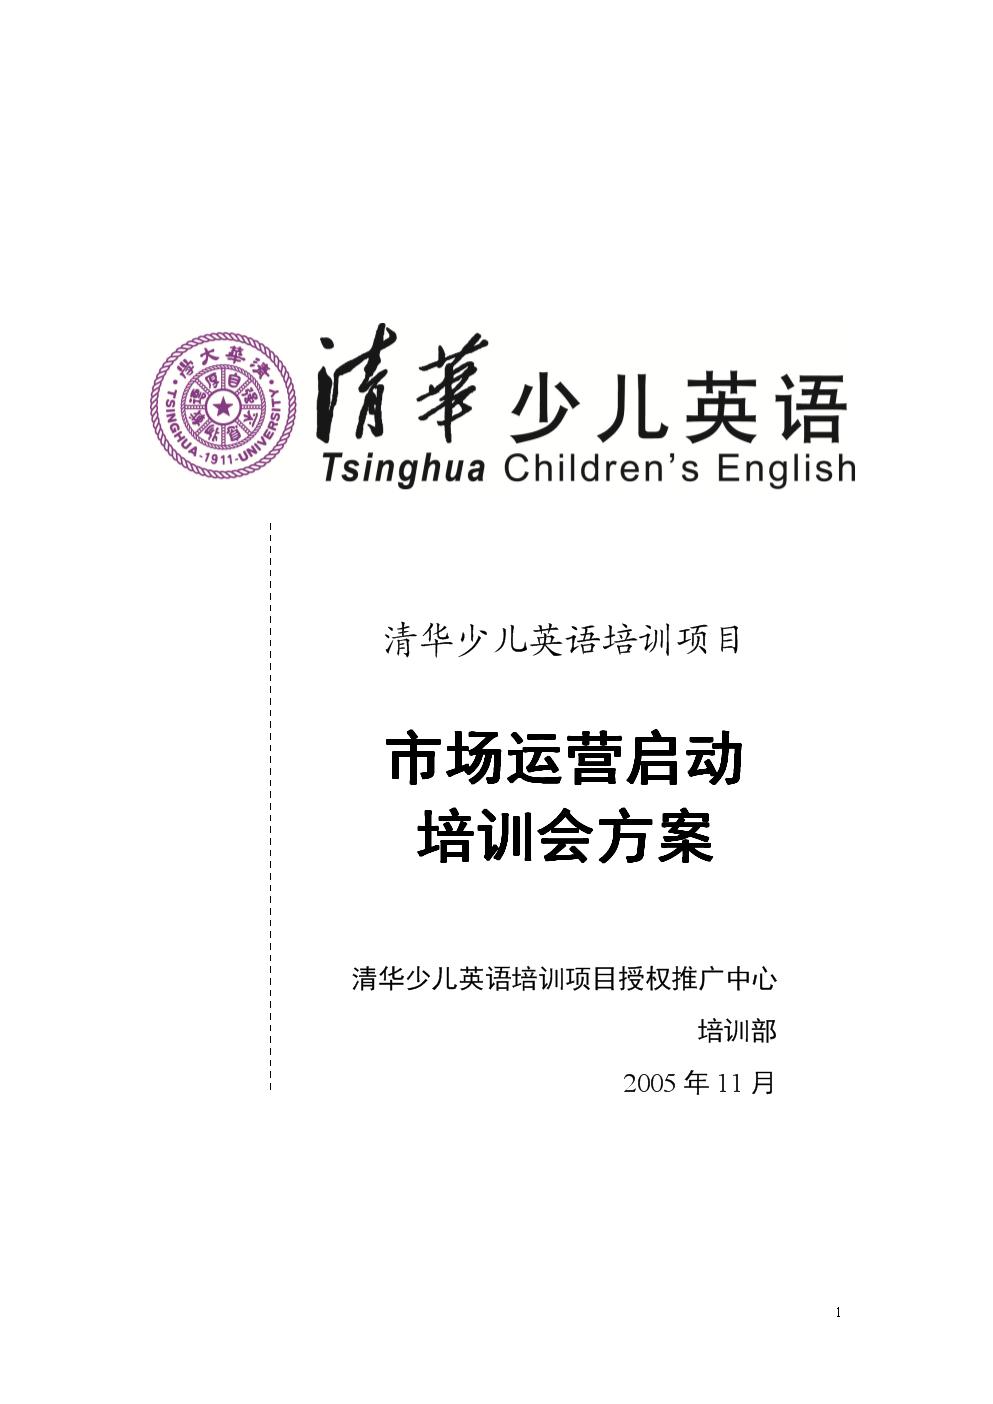 清华少儿英语市场运营启动培训会内部方案计划.doc